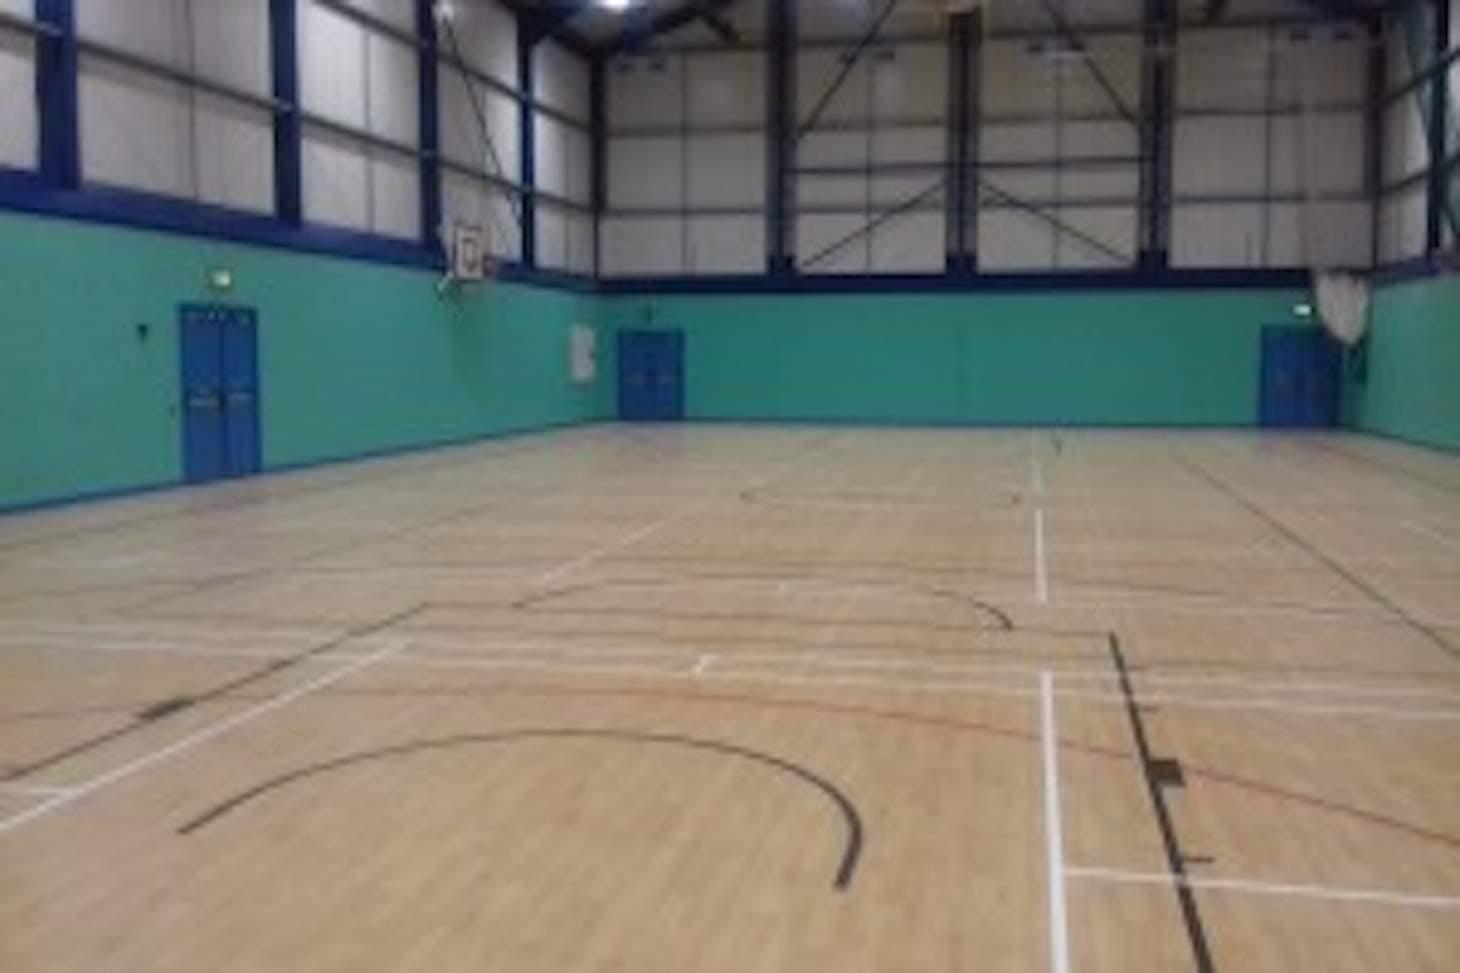 Manchester Enterprise Academy Wythenshawe Indoor netball court